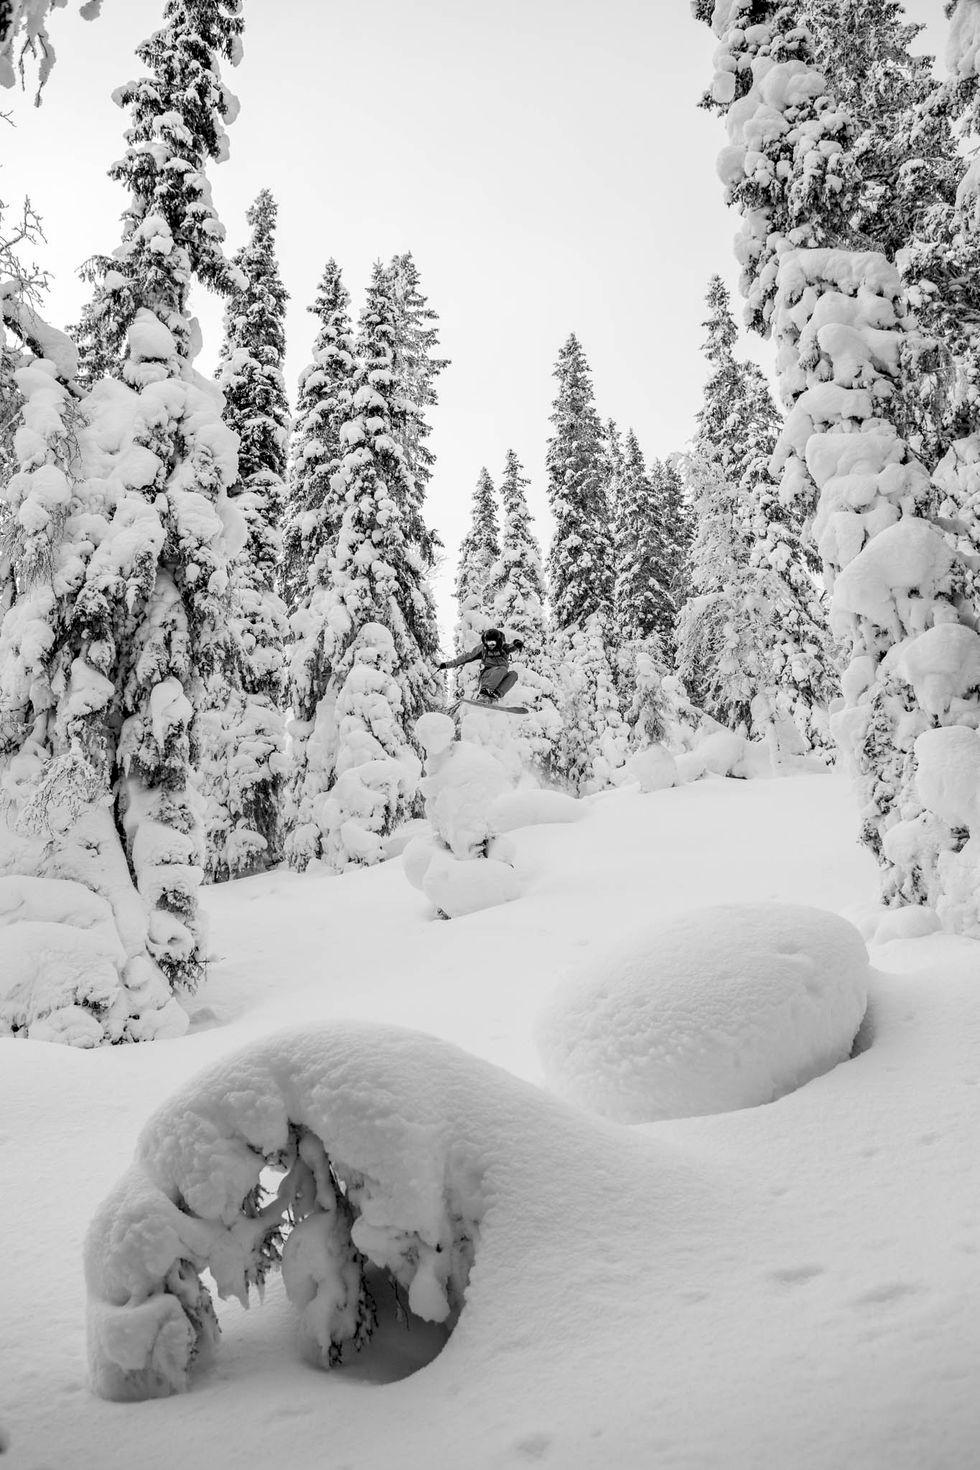 Lista: Sveriges bästa skogsåkning